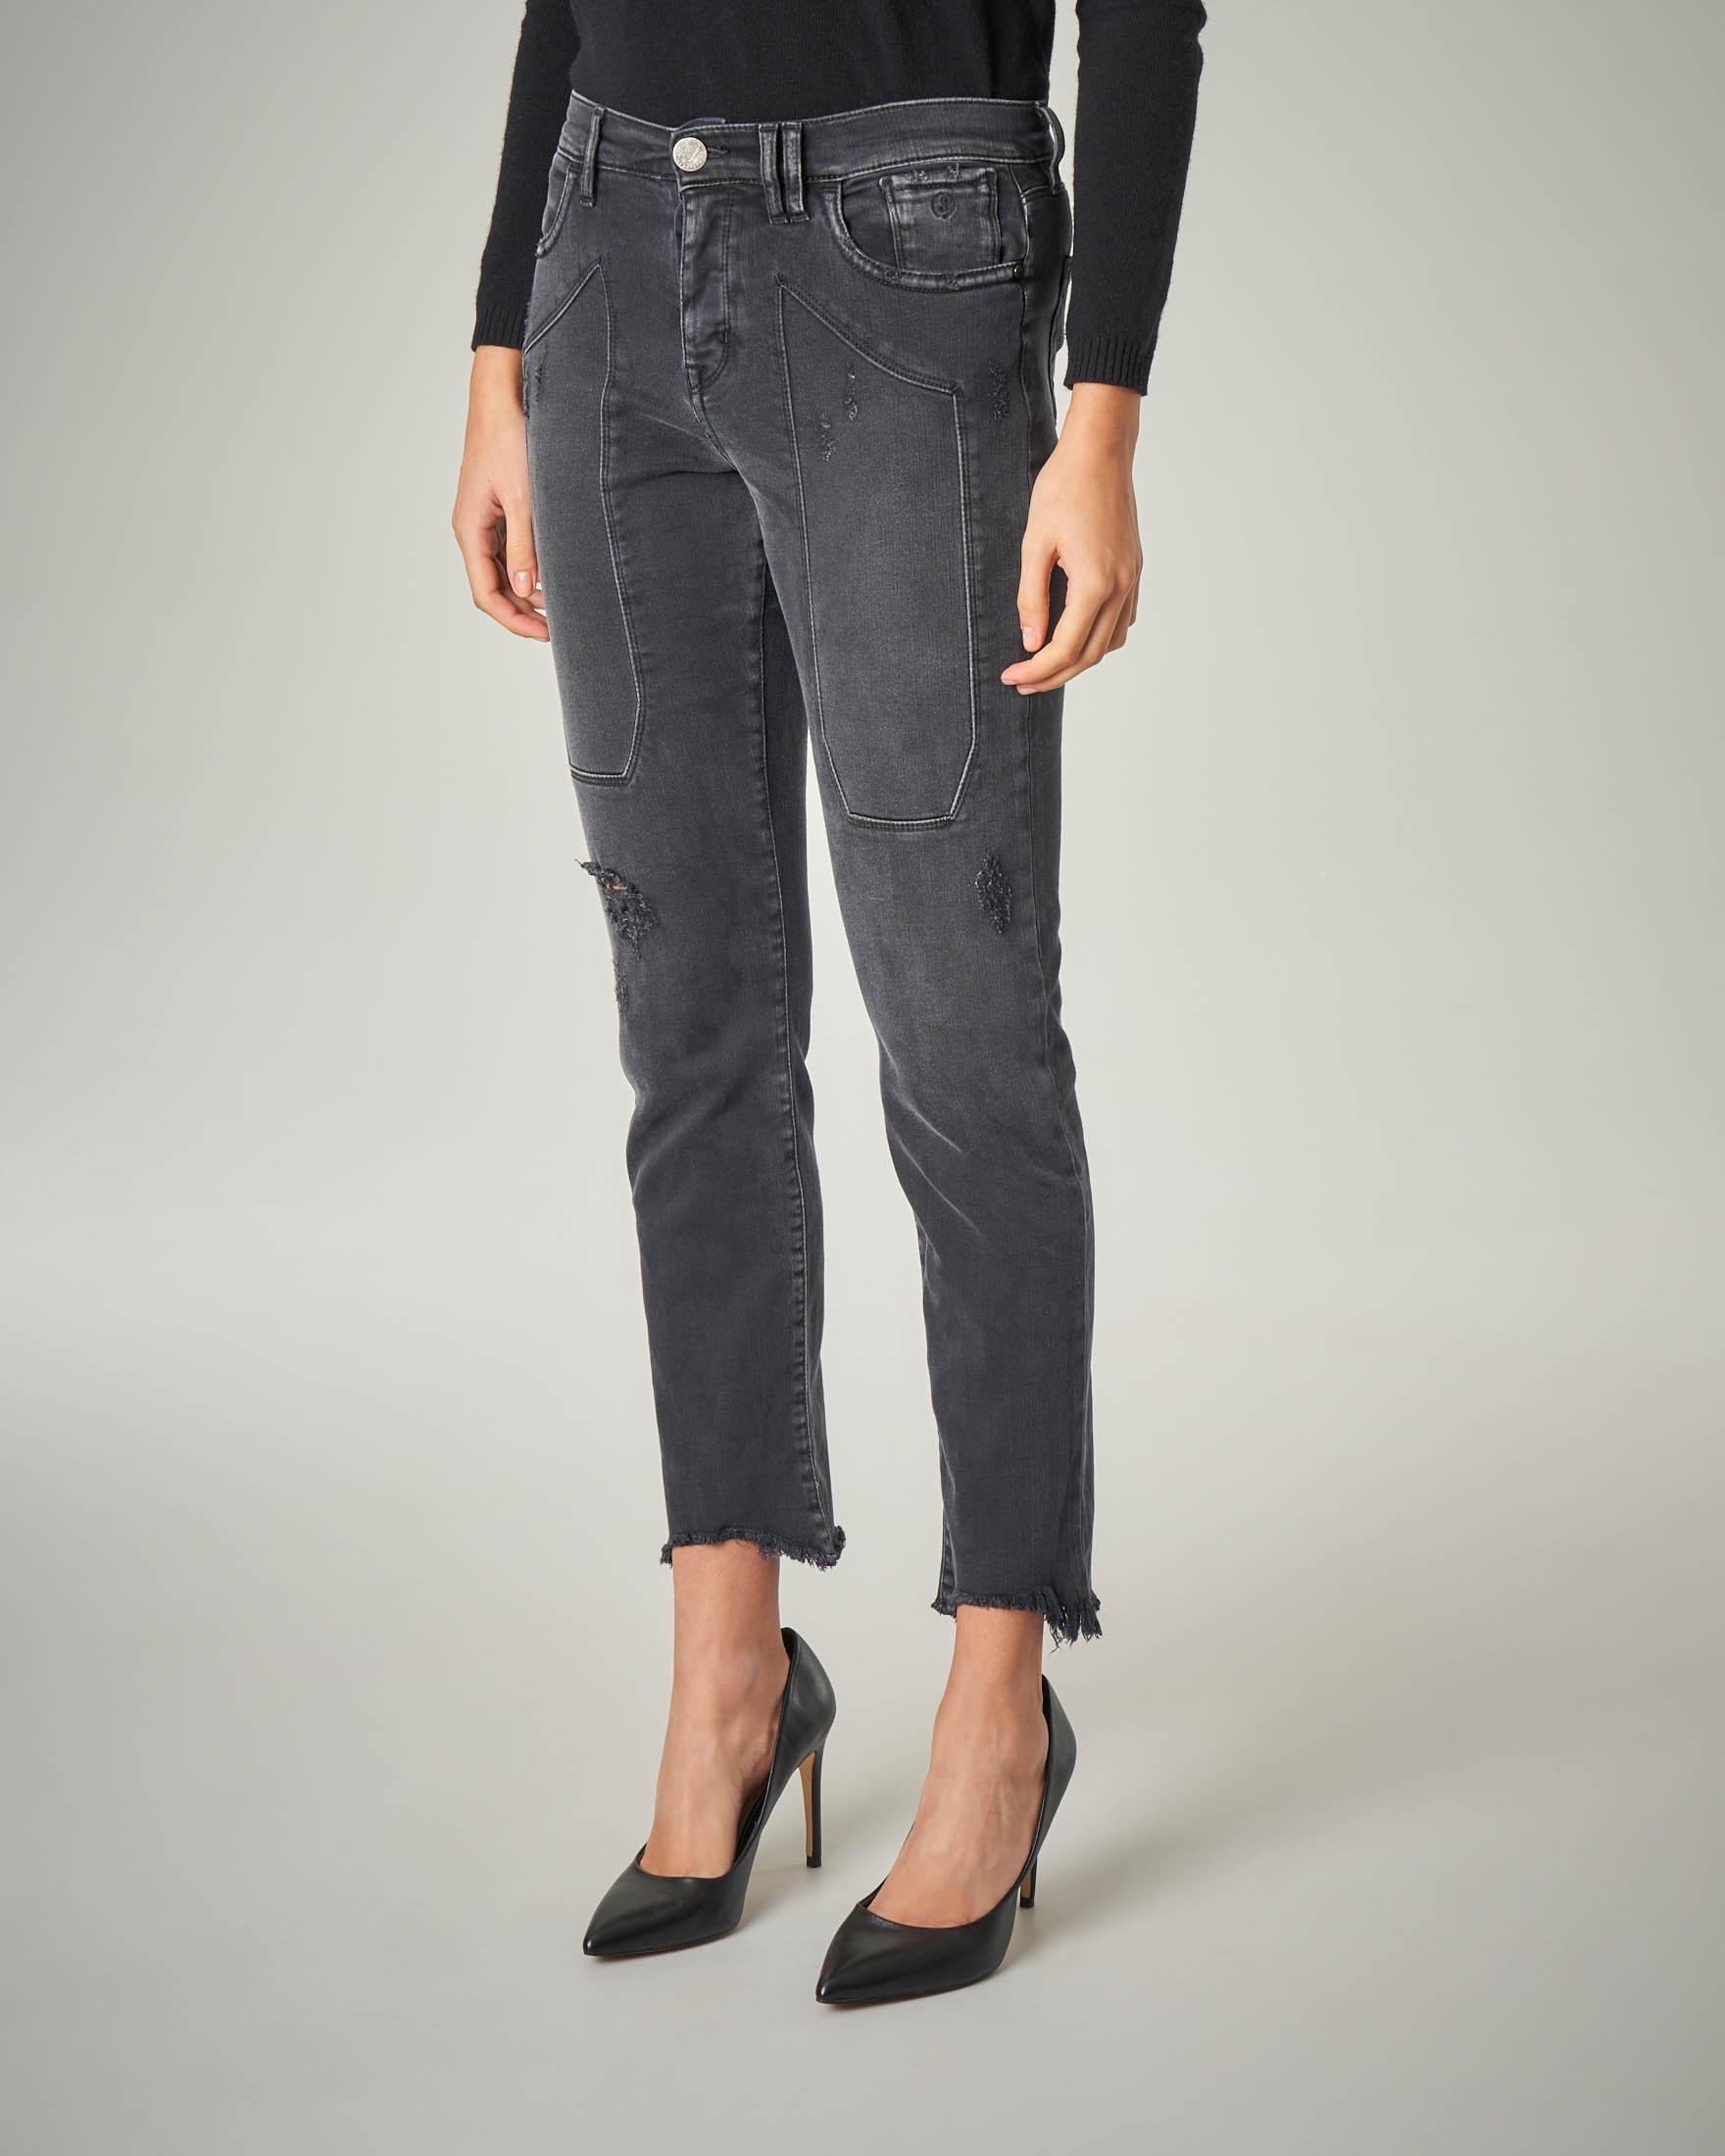 Jeans neri sfrangiati con abrasioni